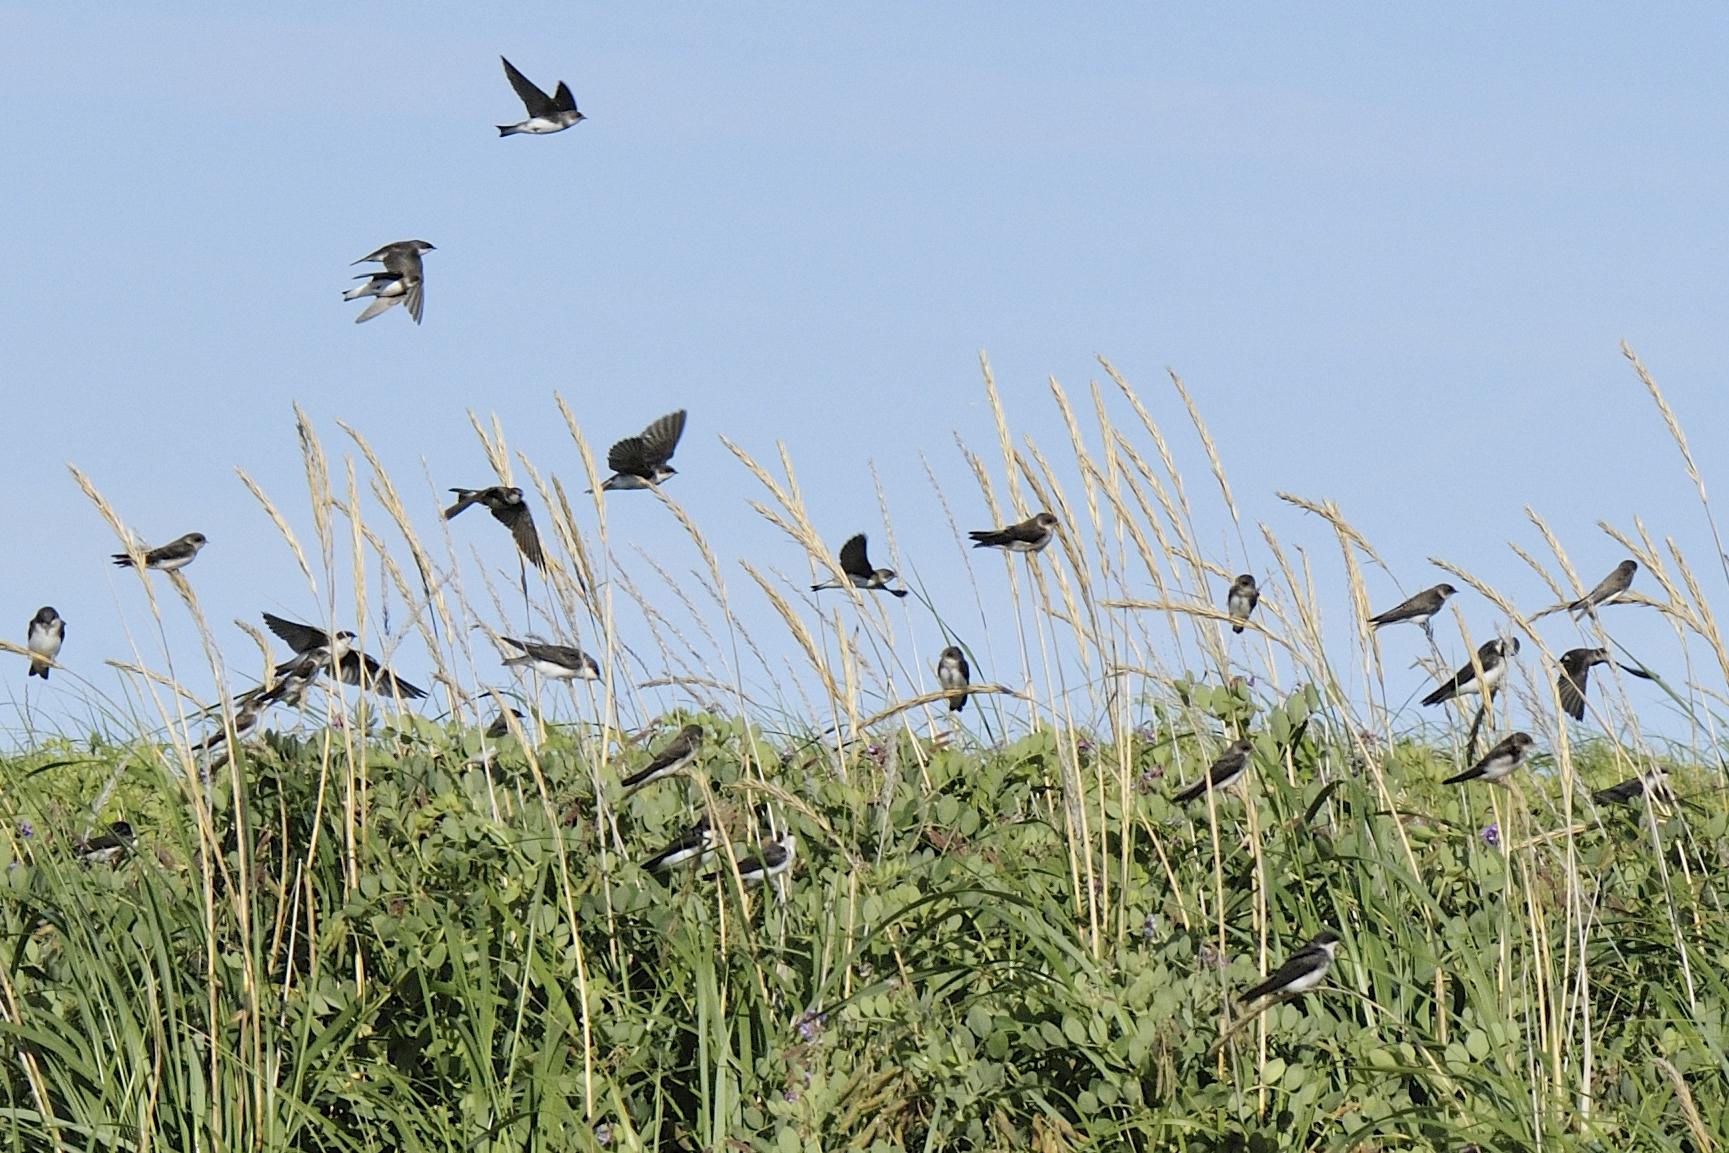 Hirondelle de rivage mangeant des fourmis volantes au Parc Nature de Pointe aux Outardes